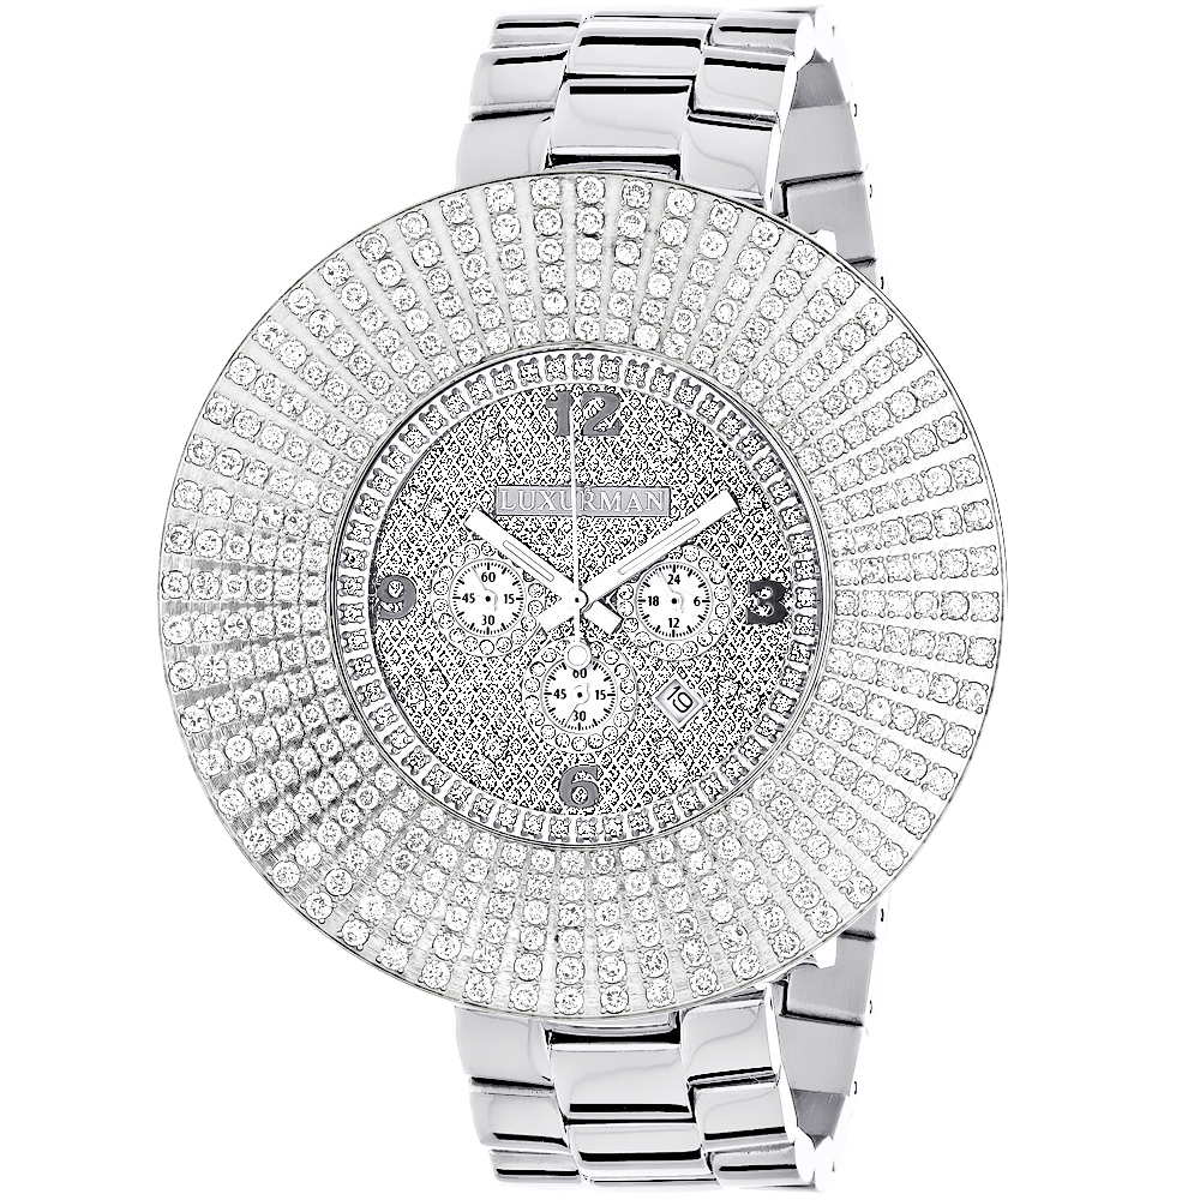 Large Diamond Bezel Luxurman Watch Escalade 14ct Mens Hip Hop Watches